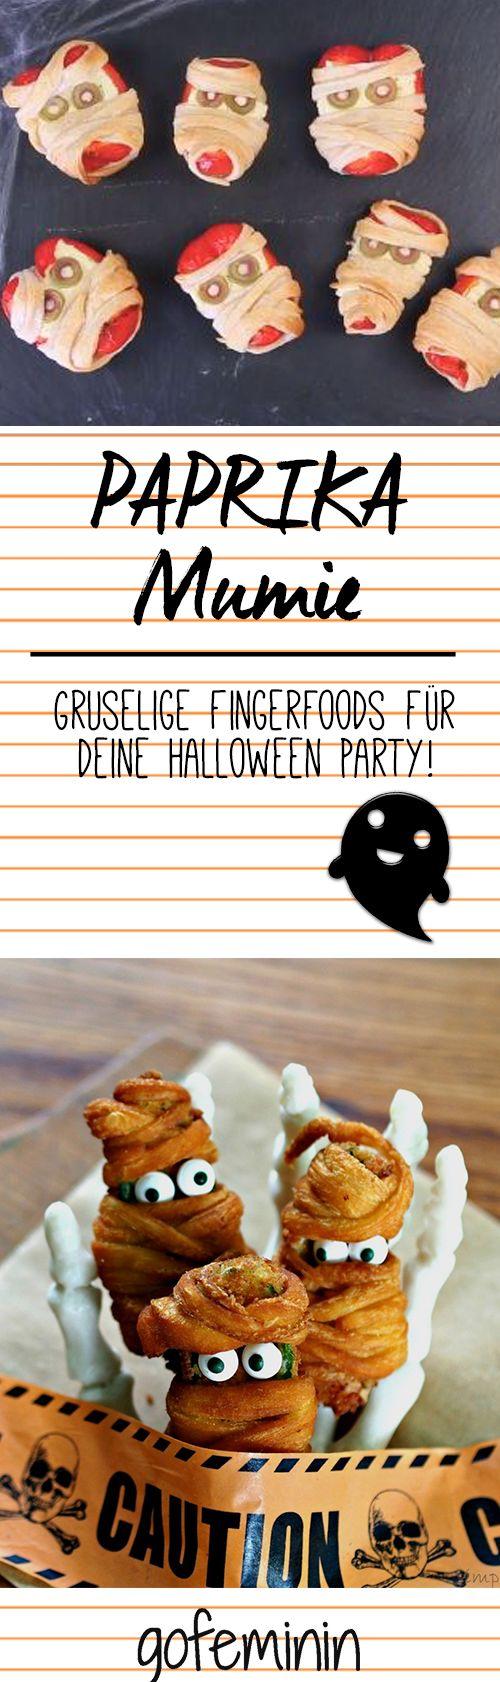 Gruselig, aber verdammt lecker: Paprika-Mumie - so wird's gemacht! Mehr auf gofeminin.de